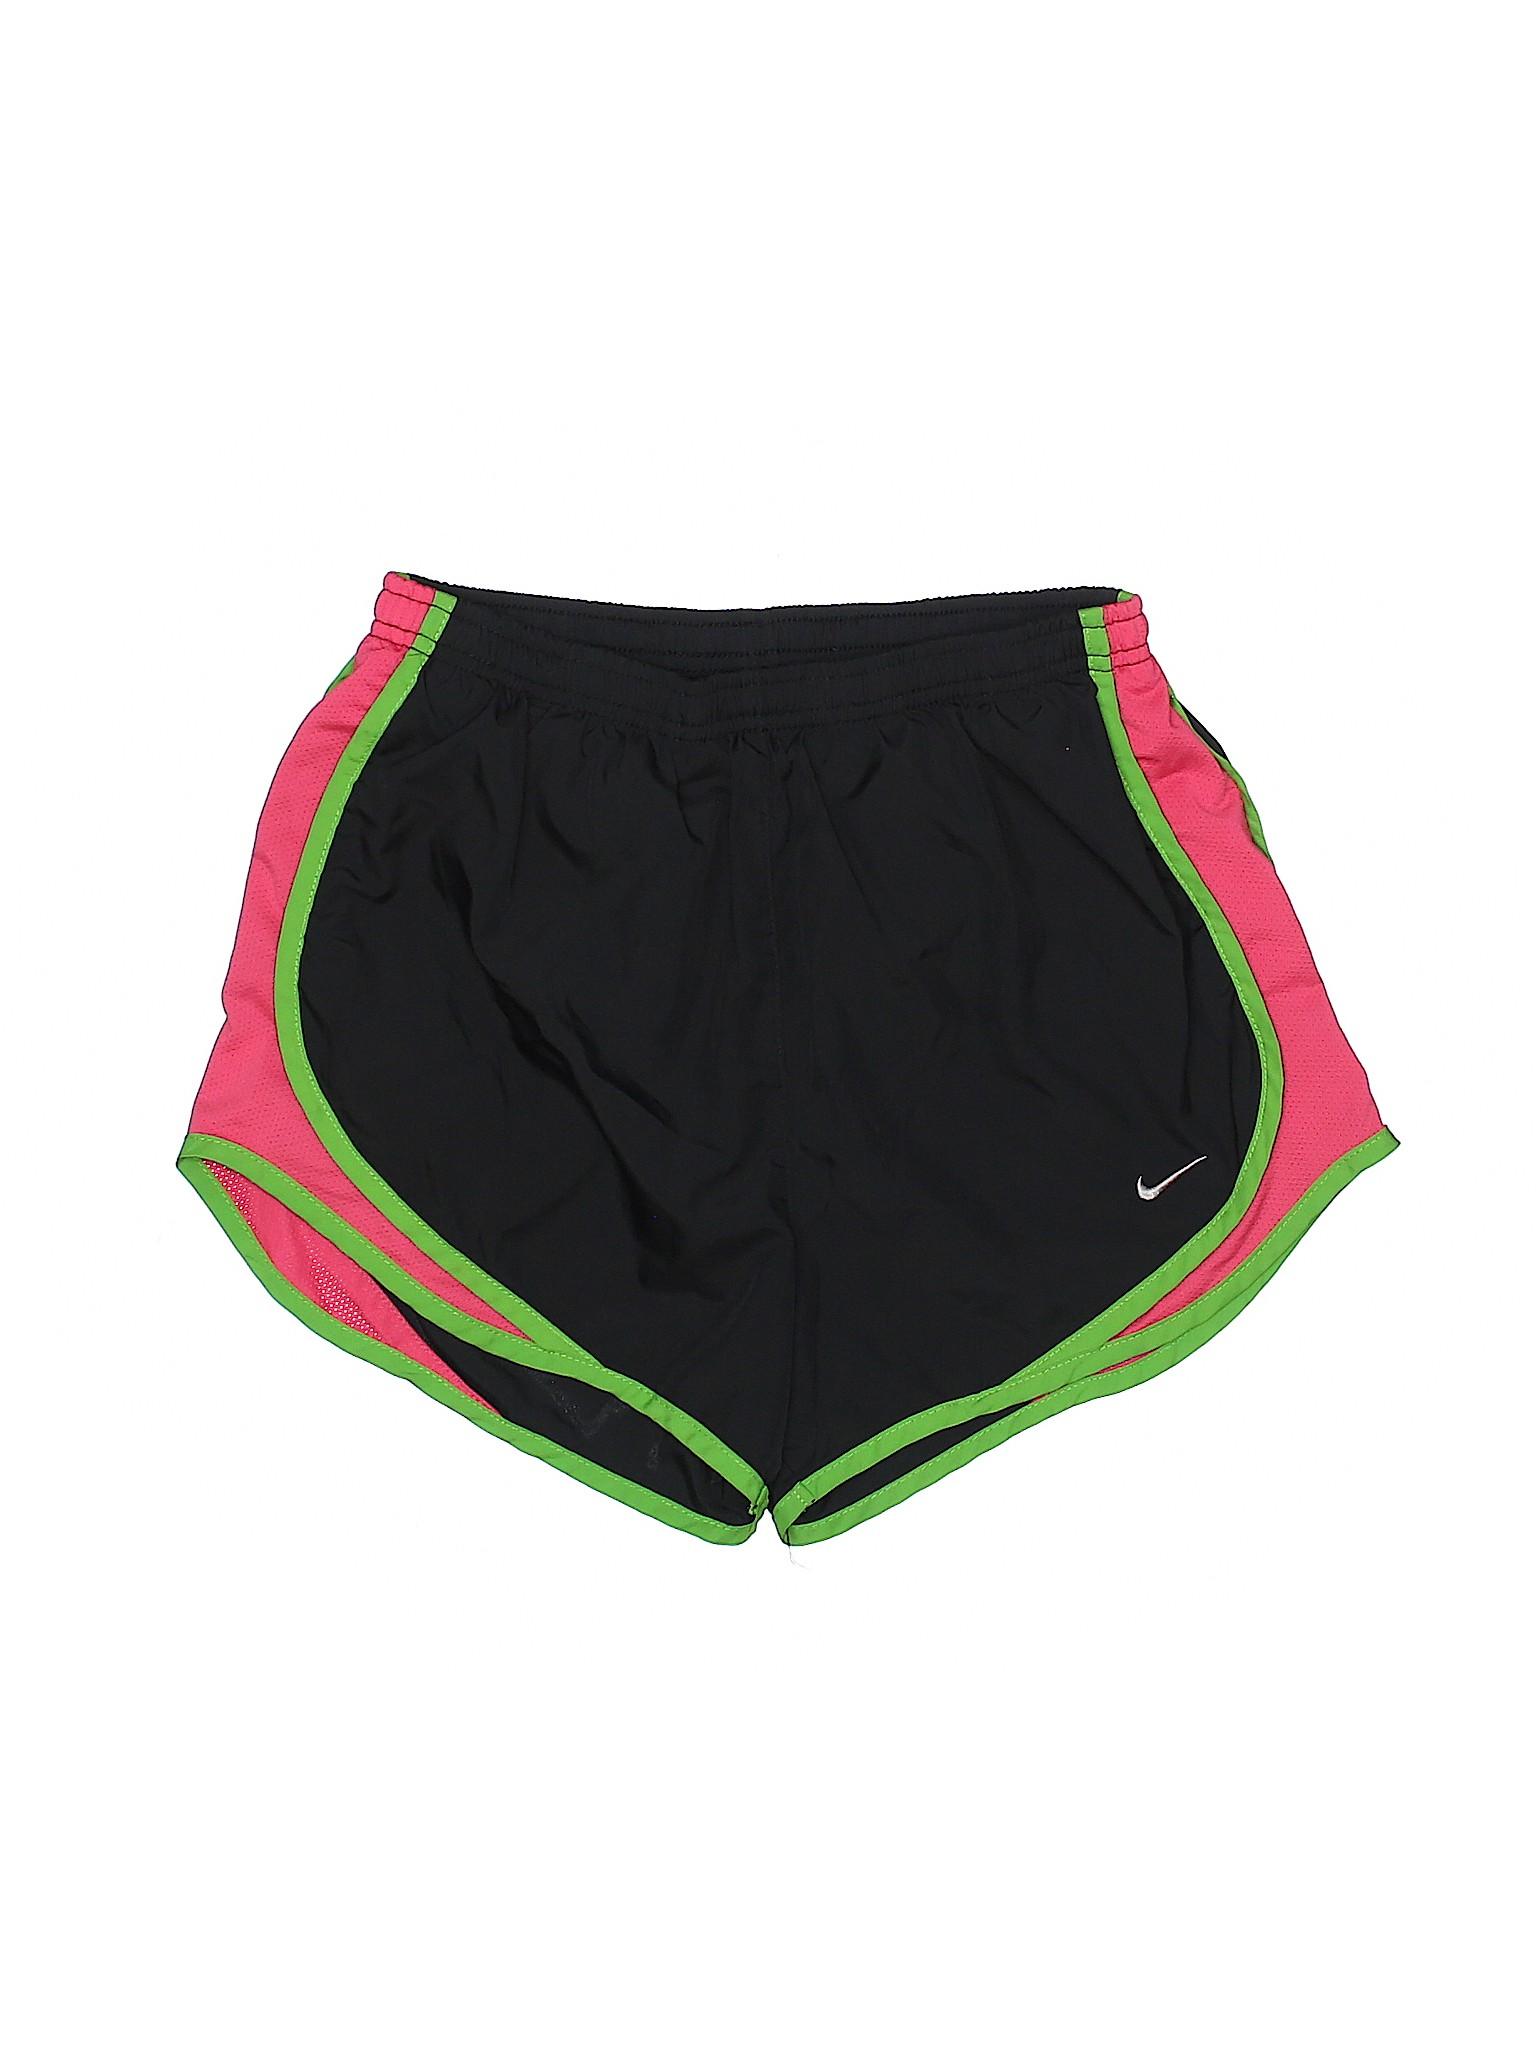 Boutique Shorts Shorts Boutique Boutique leisure leisure Athletic Nike Athletic Nike leisure 5Oxqv1qEw